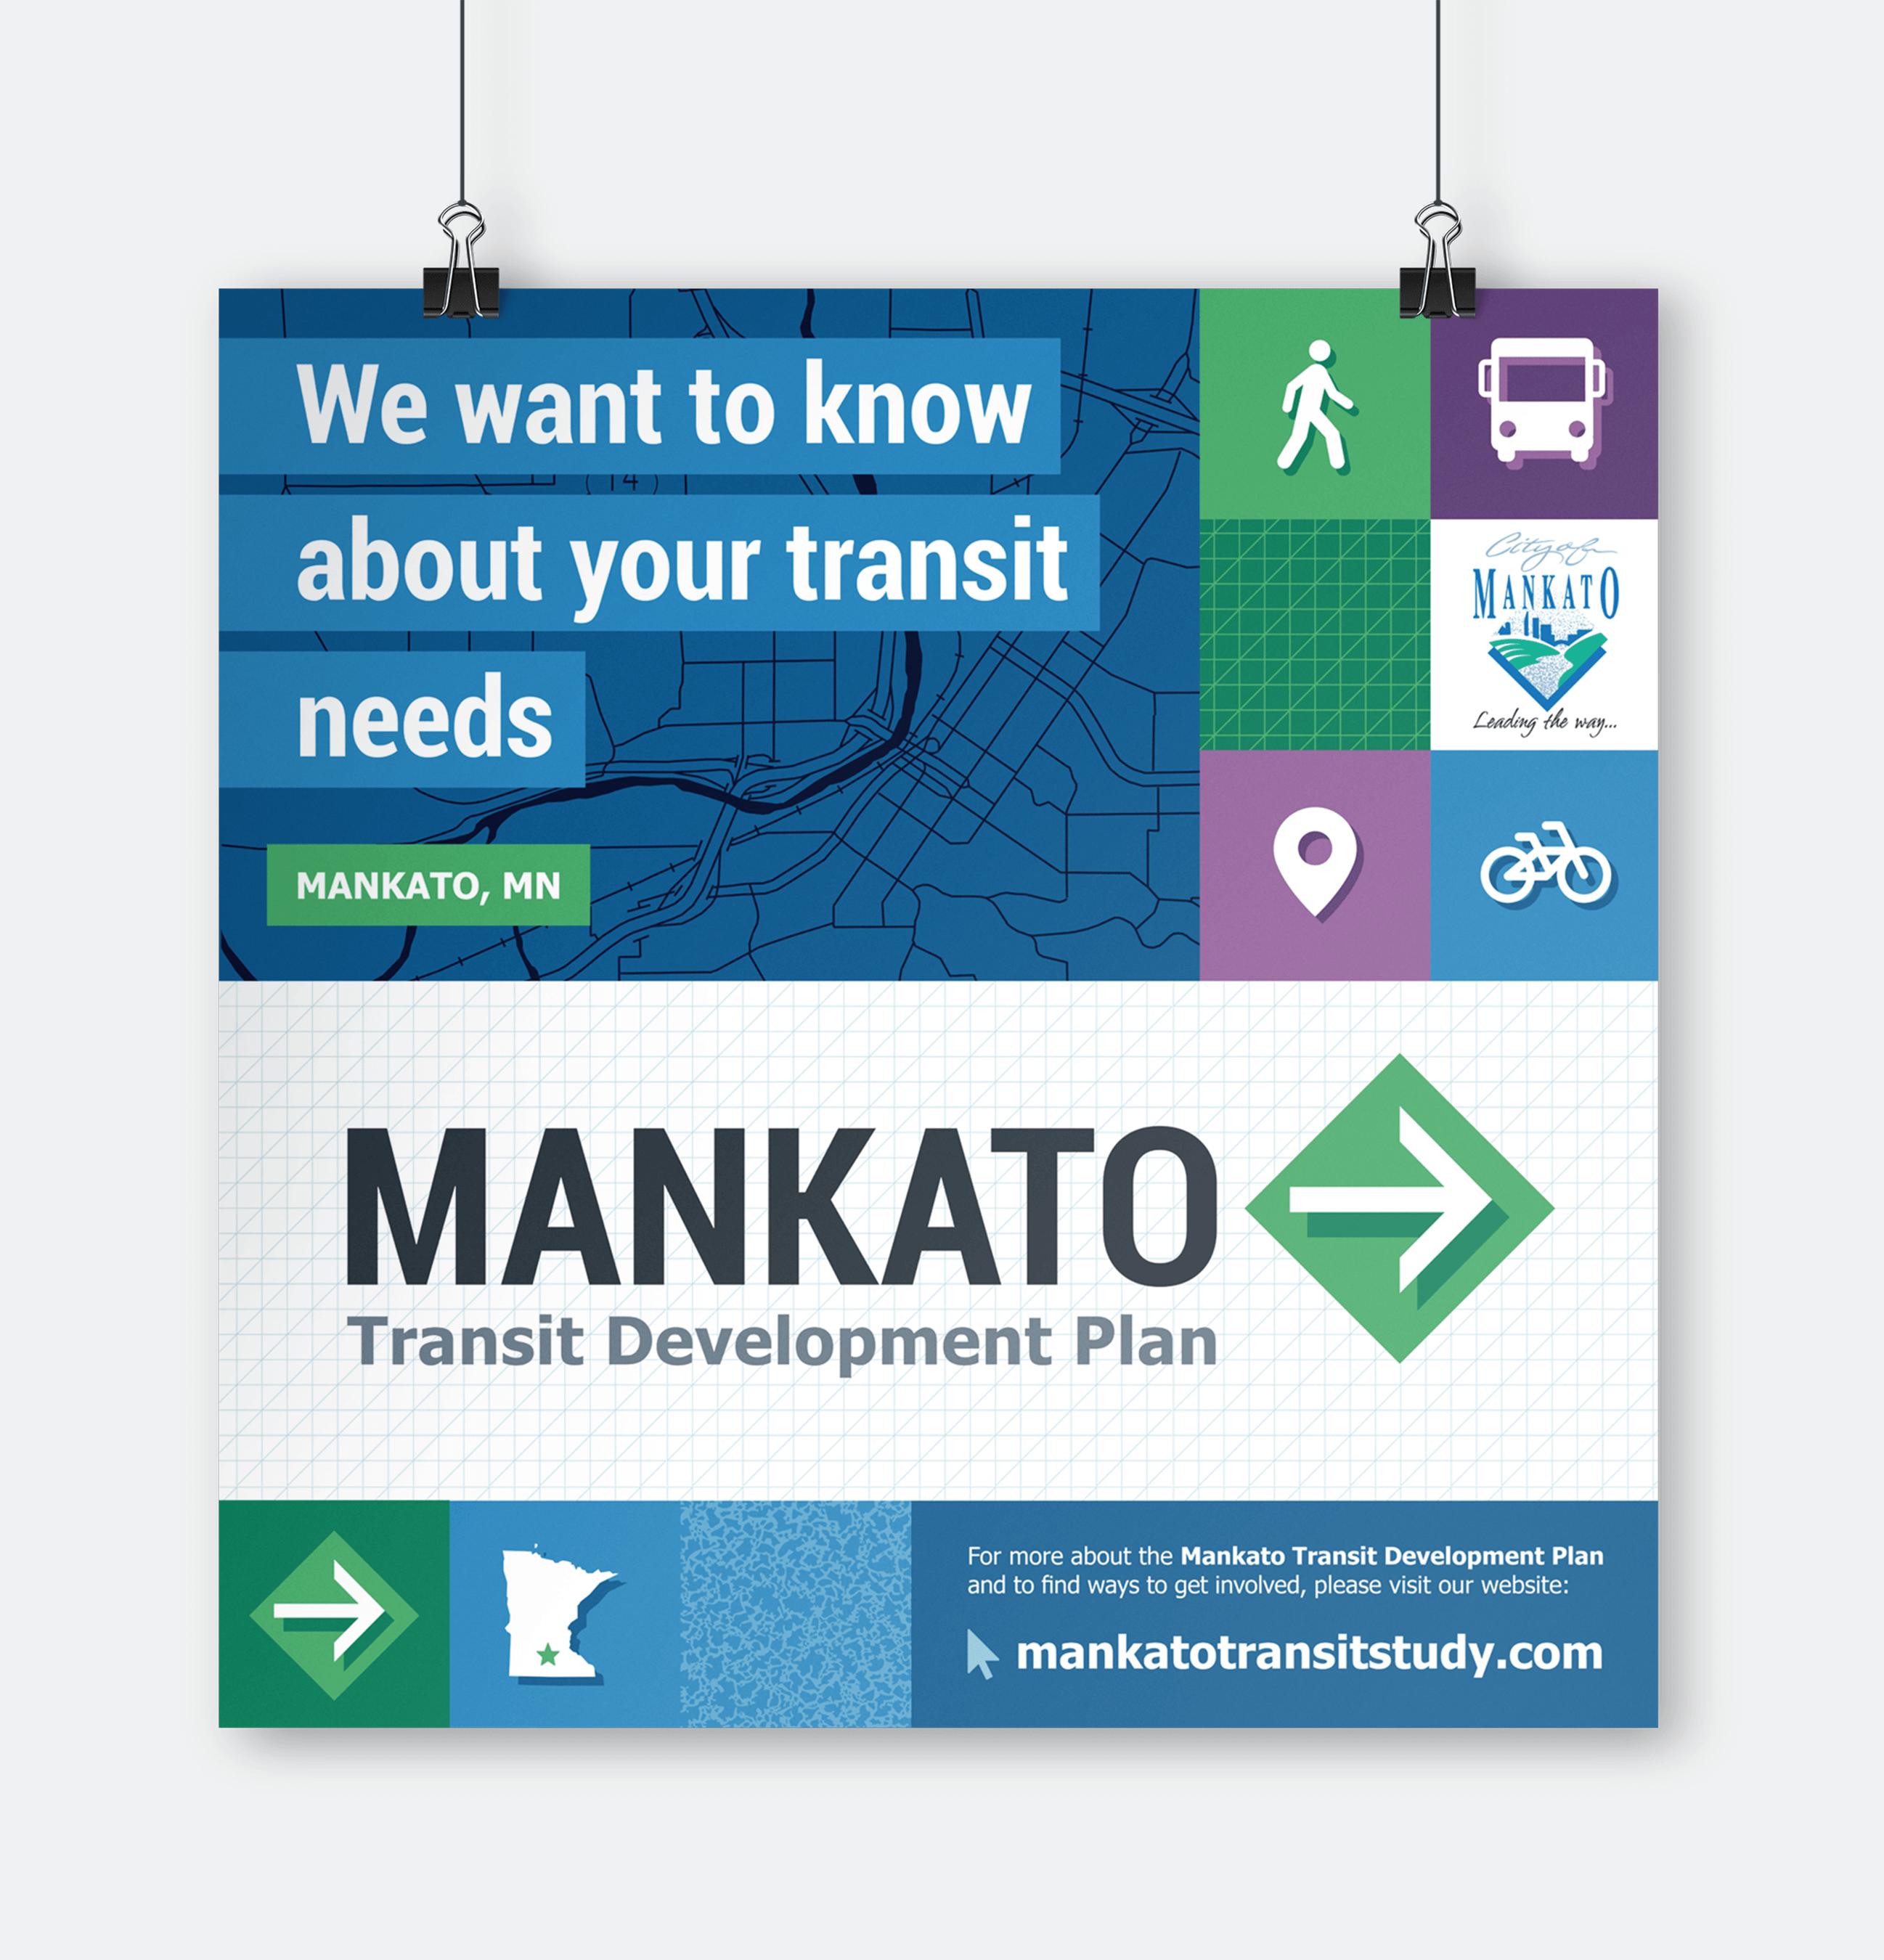 mankato poster mock-up